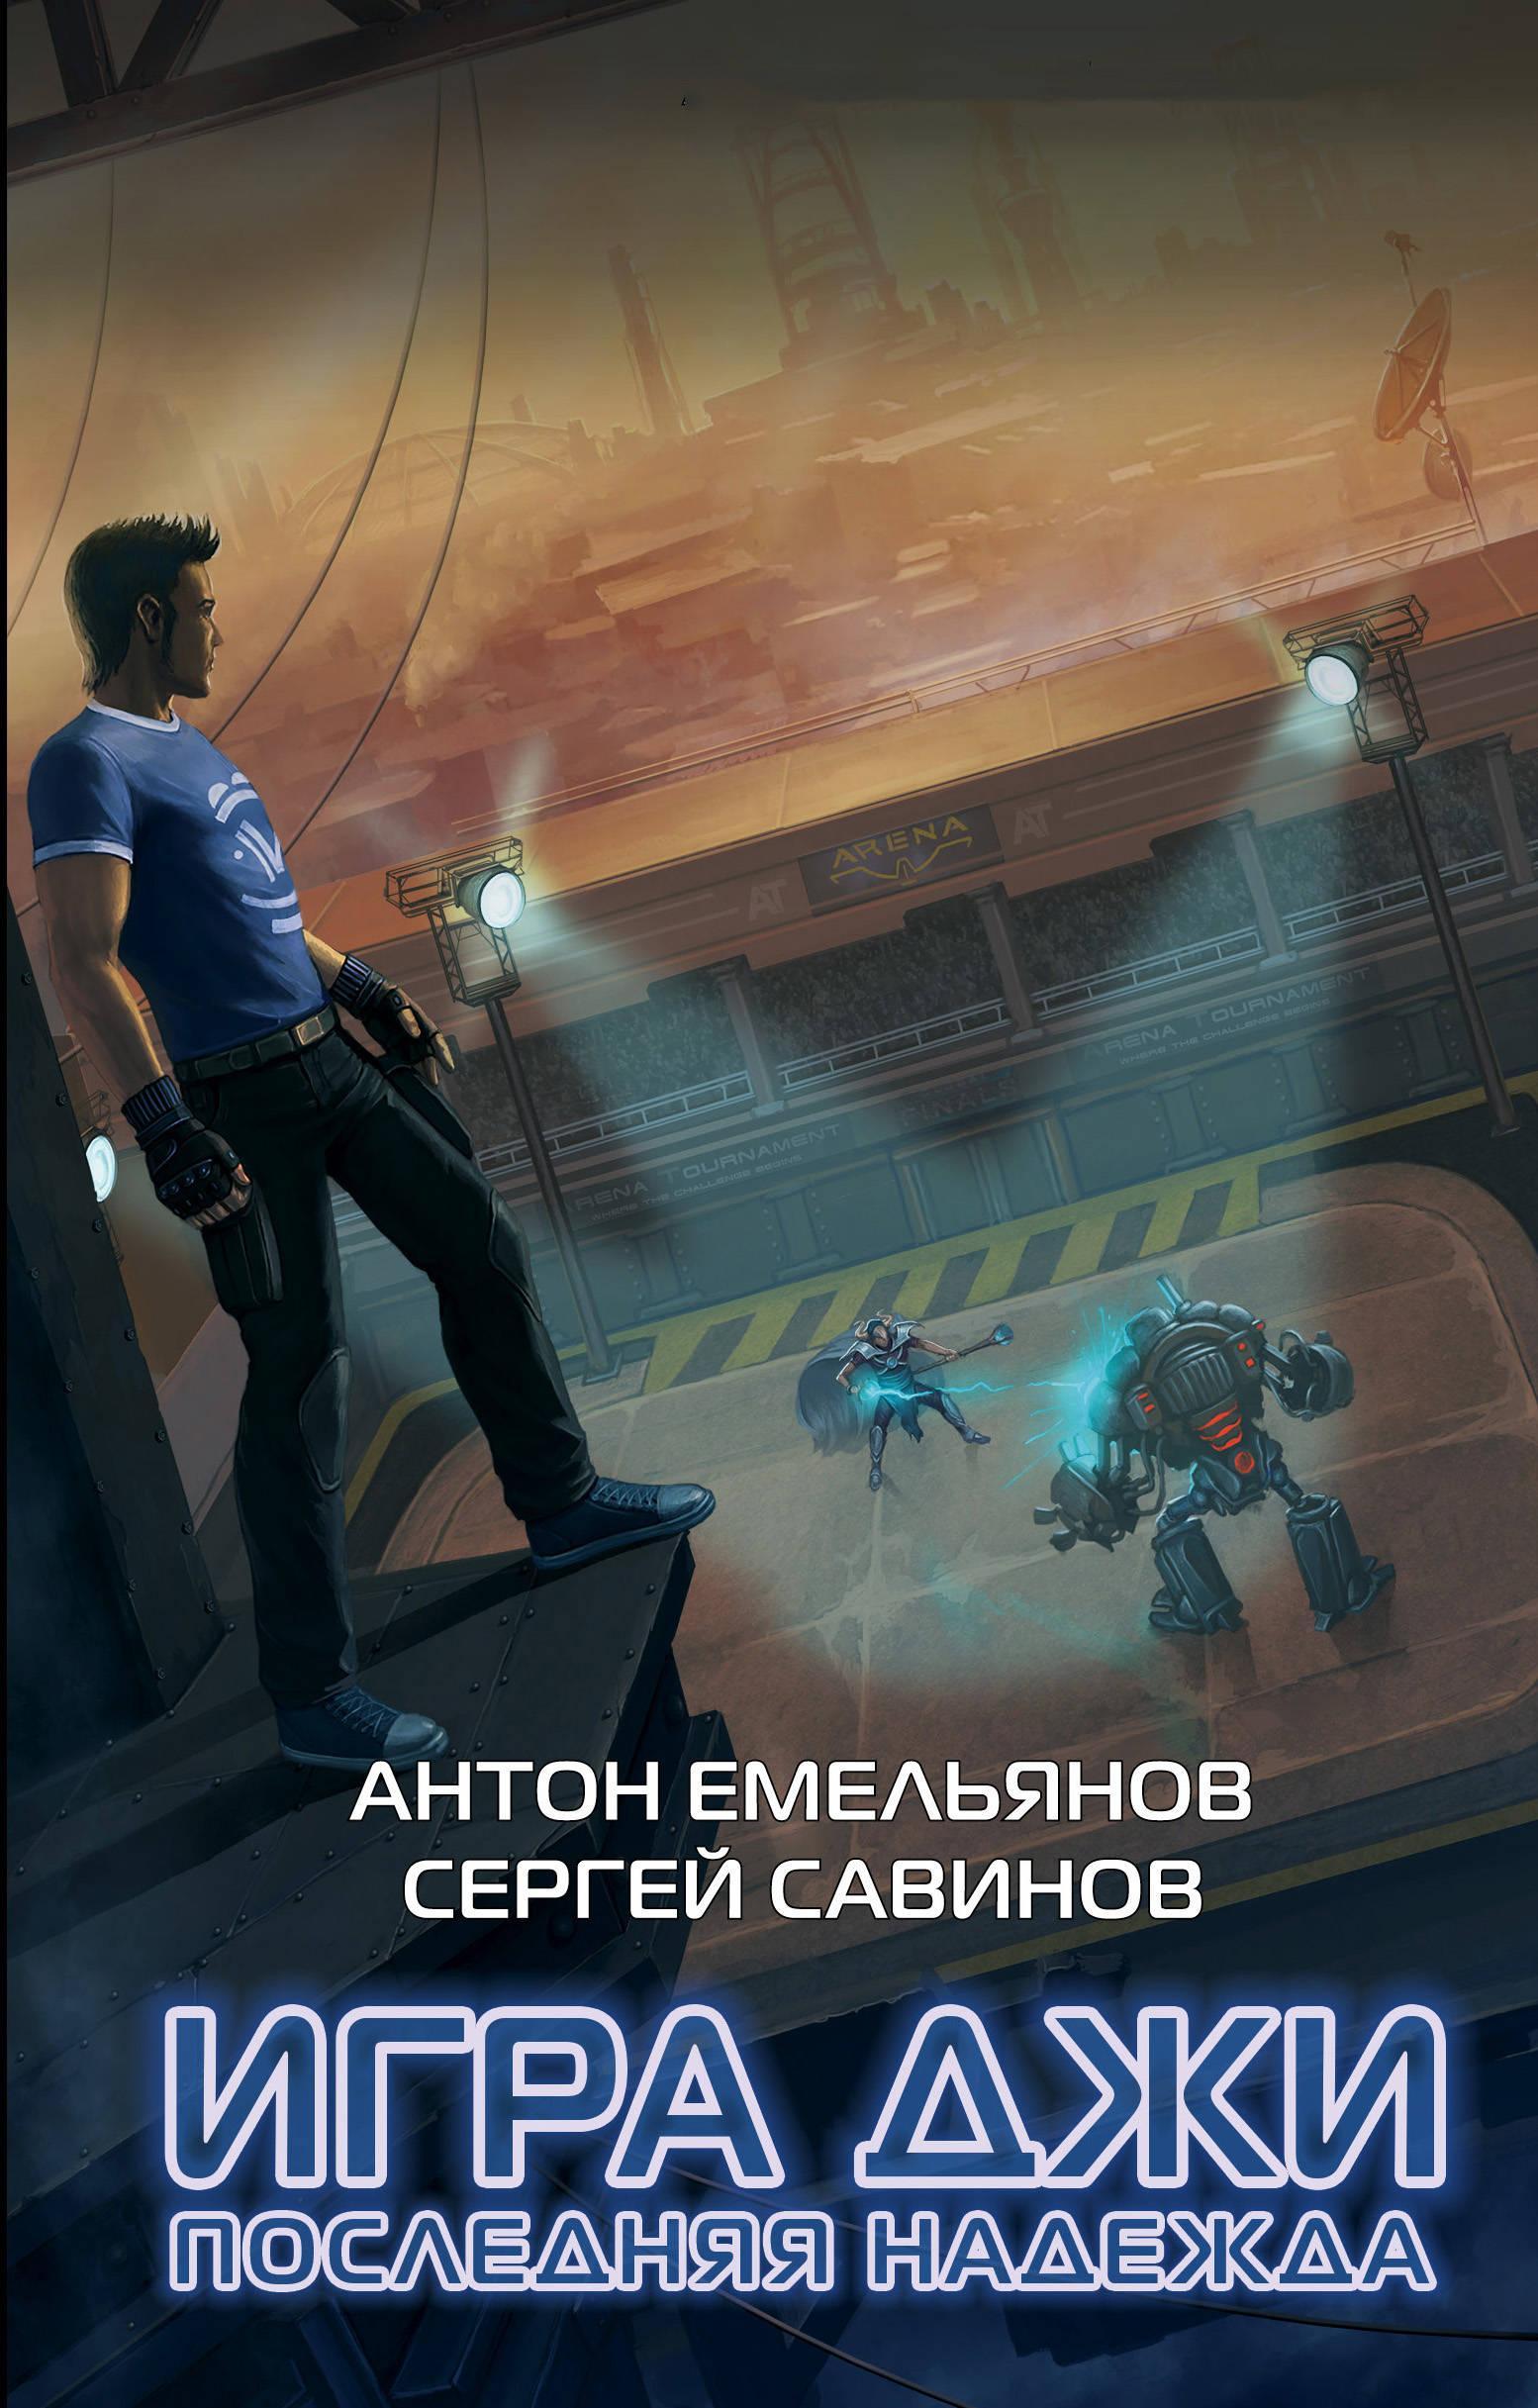 Антон Емельянов,Сергей Савинов Игра Джи. Последняя надежда